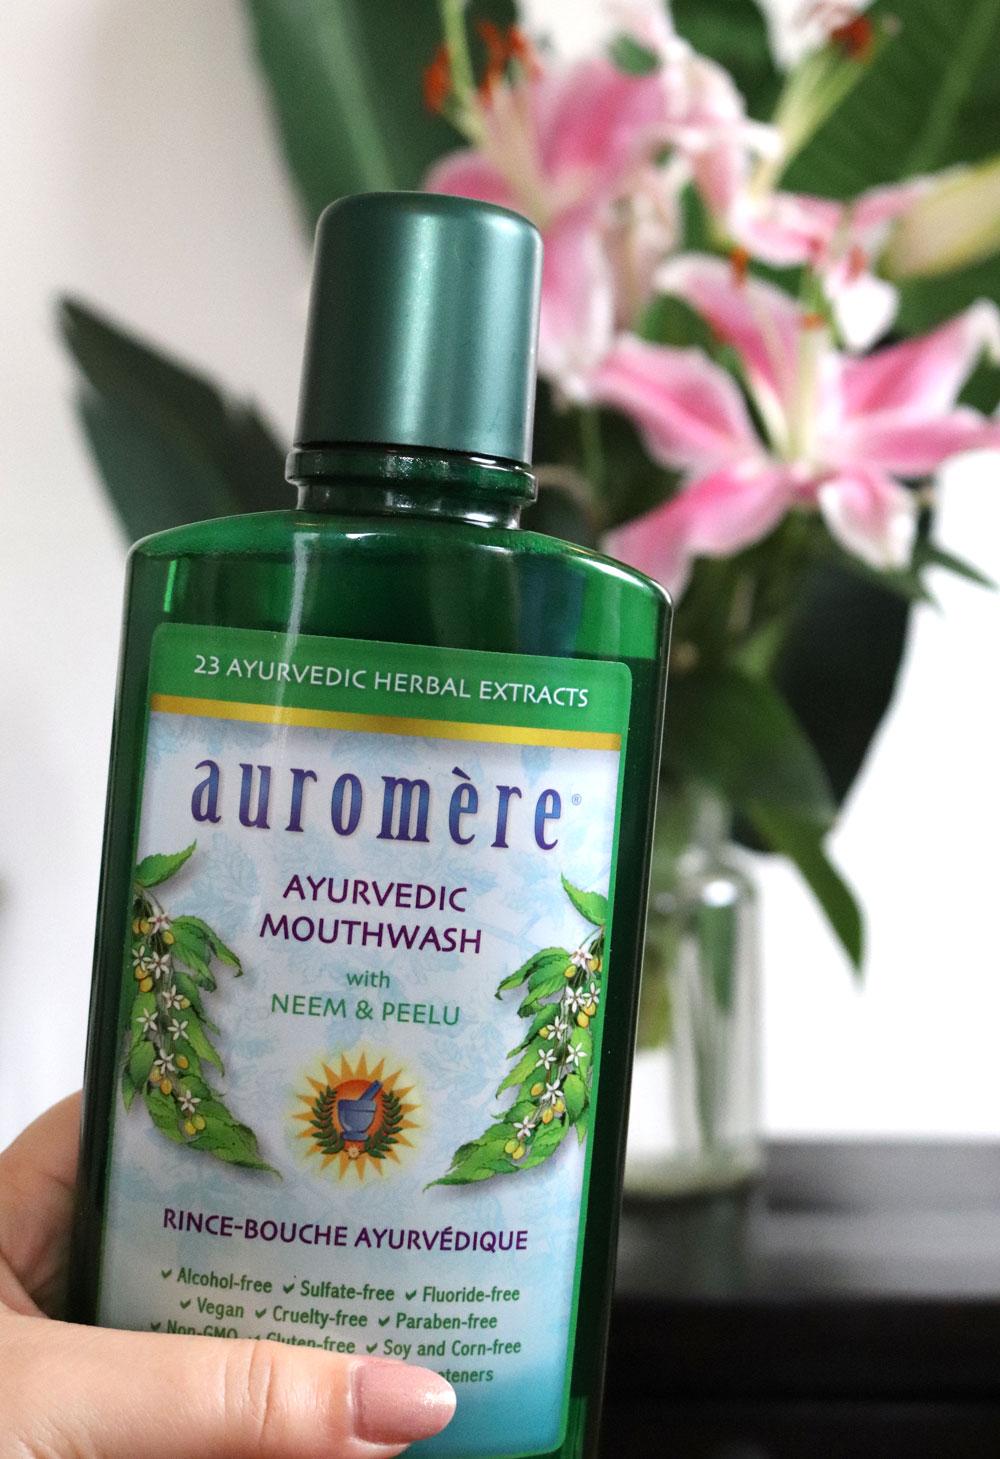 Auromeric Ayurveda mouthwash at iHerb